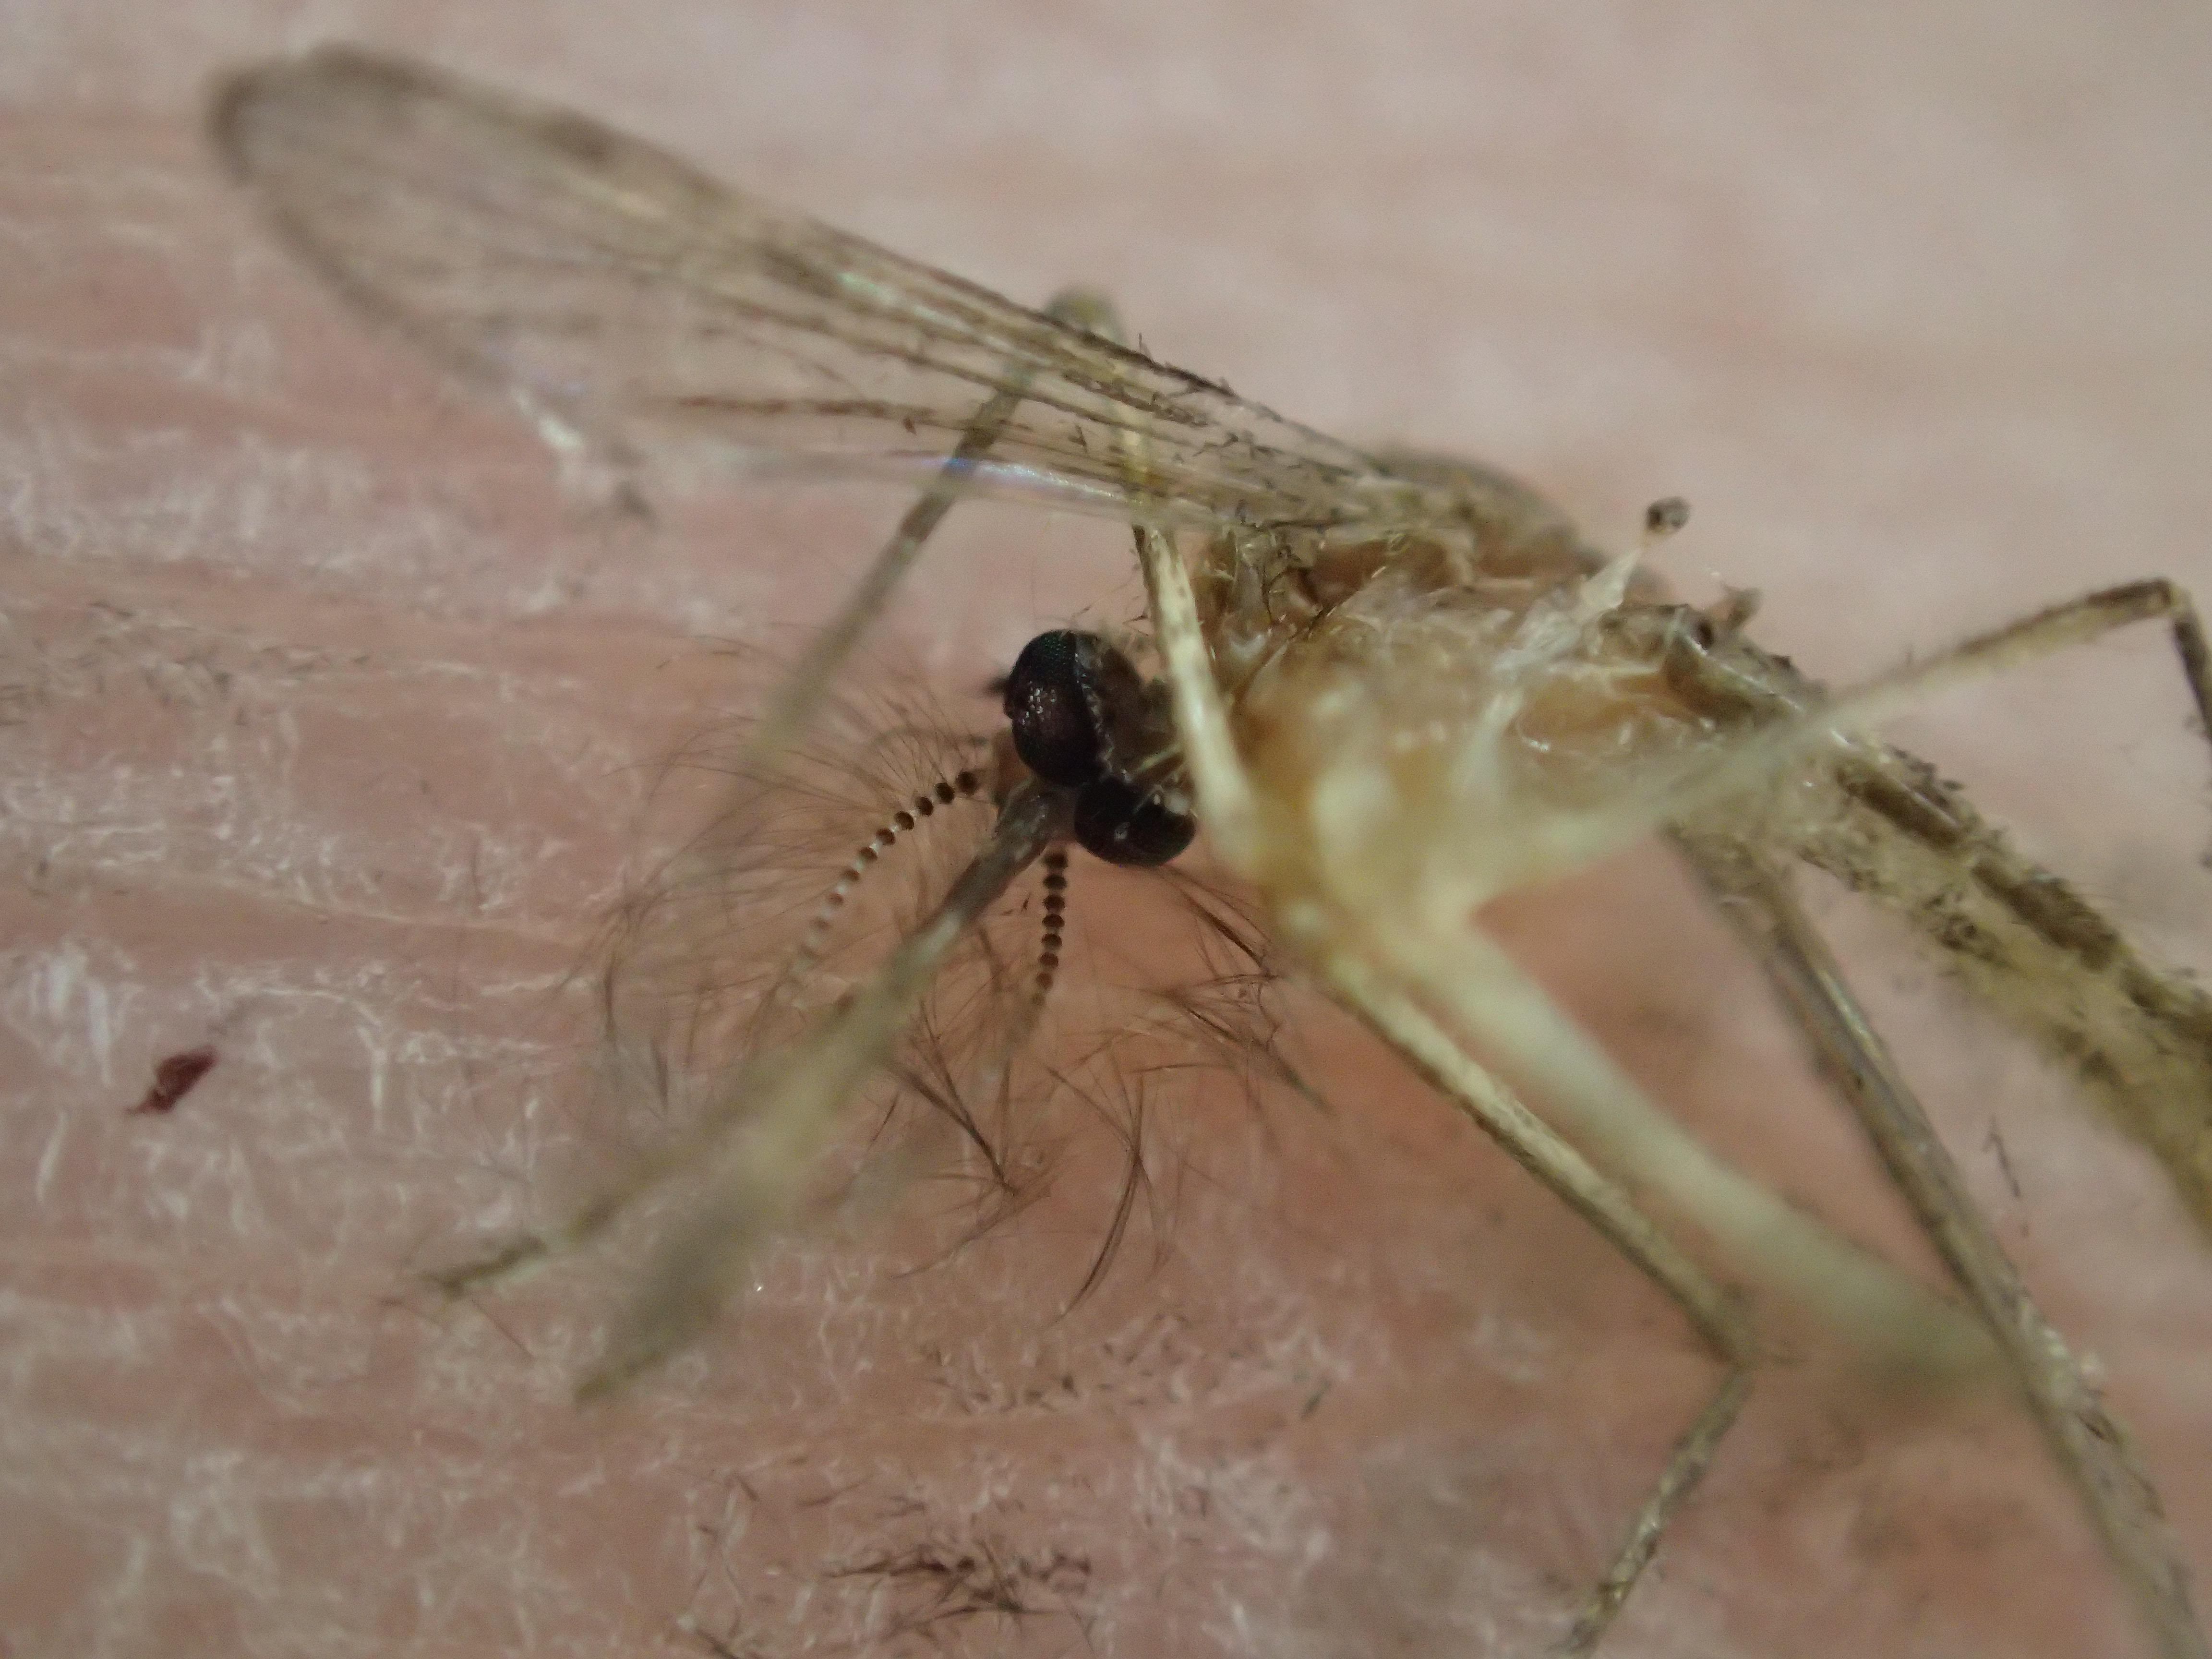 手の平で死んだ蚊を顕微鏡モードで超拡大アップで撮影した写真